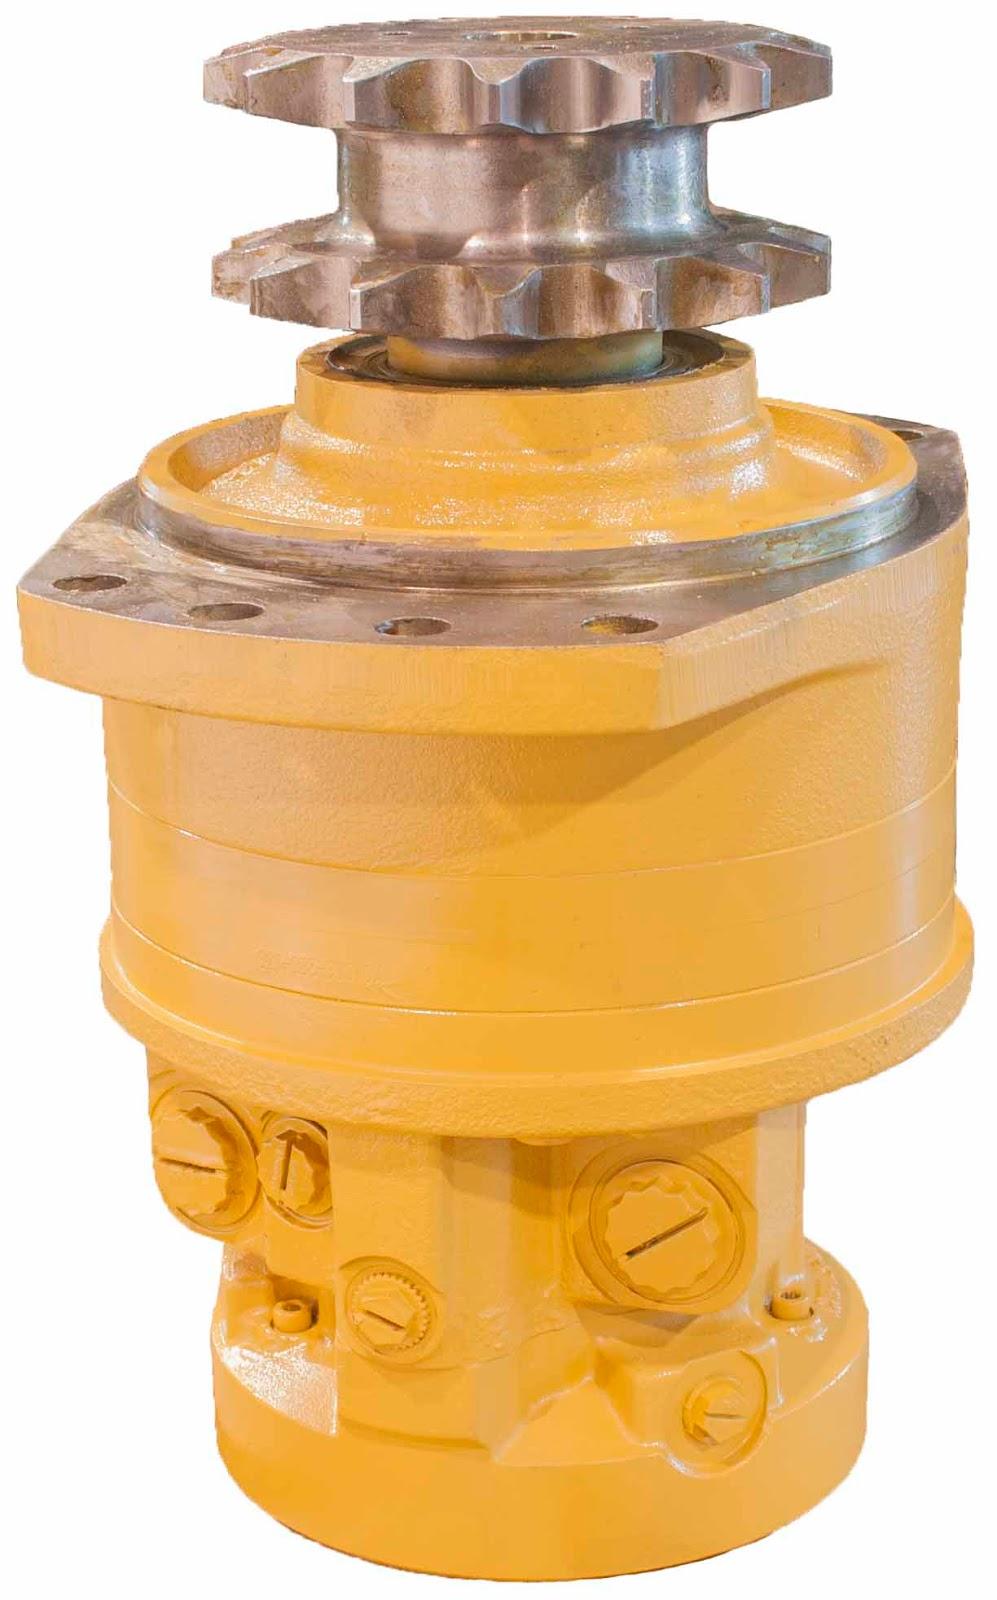 Gehl Skid Steer Replacement Hydraulic Motor Flint